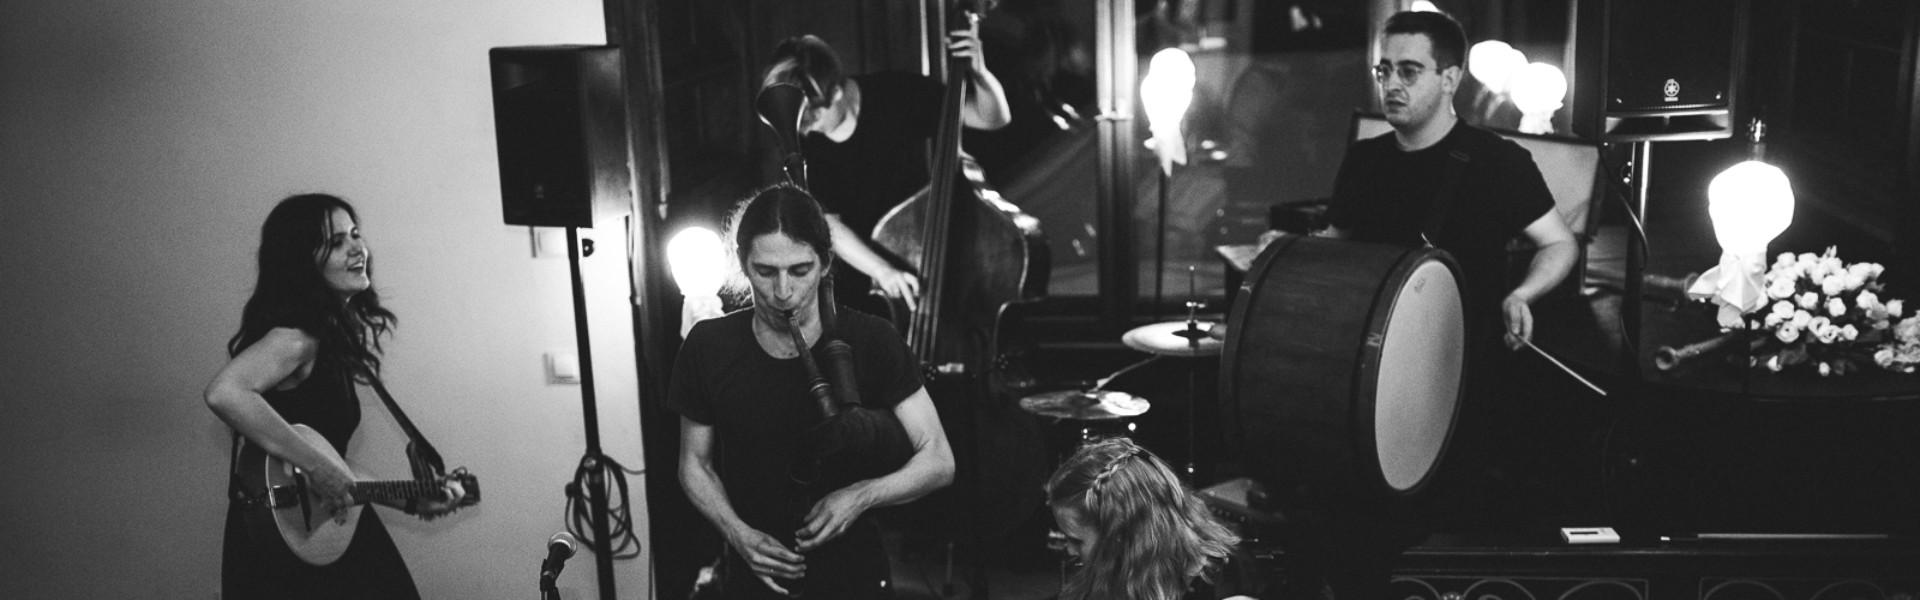 Vielgestalt – Band